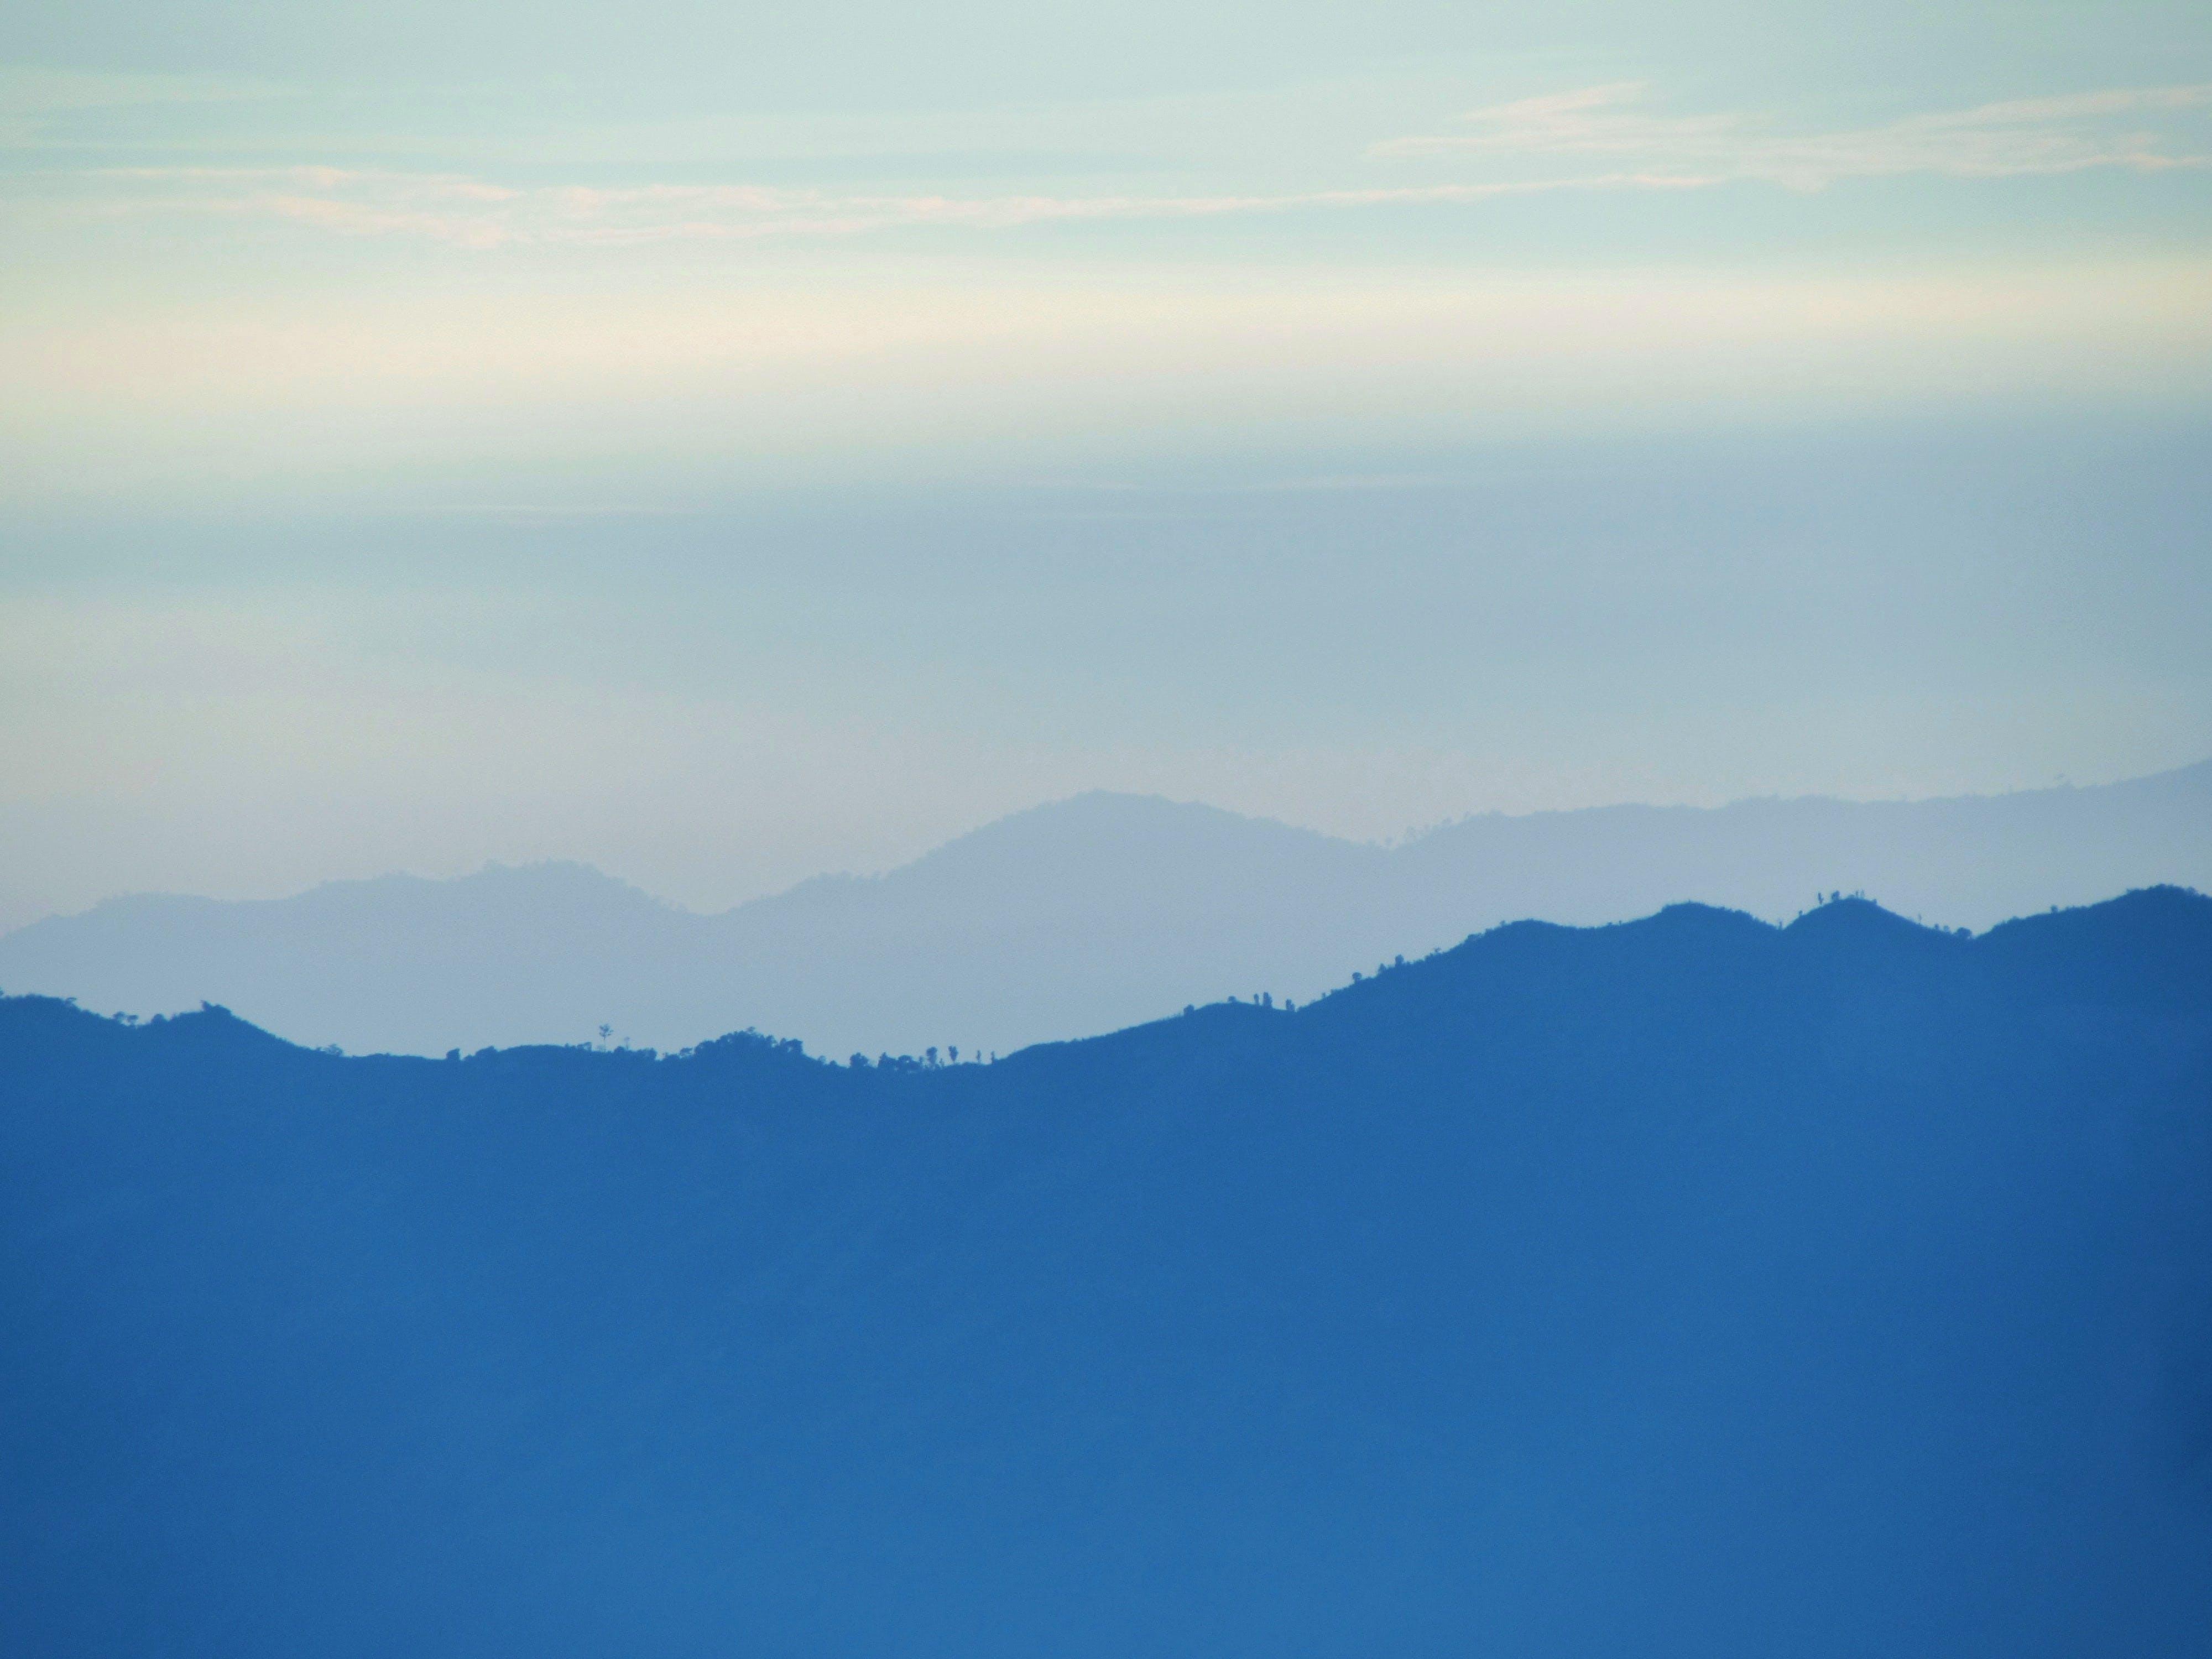 Free stock photo of blue mountains, hill, mountain, mountain line